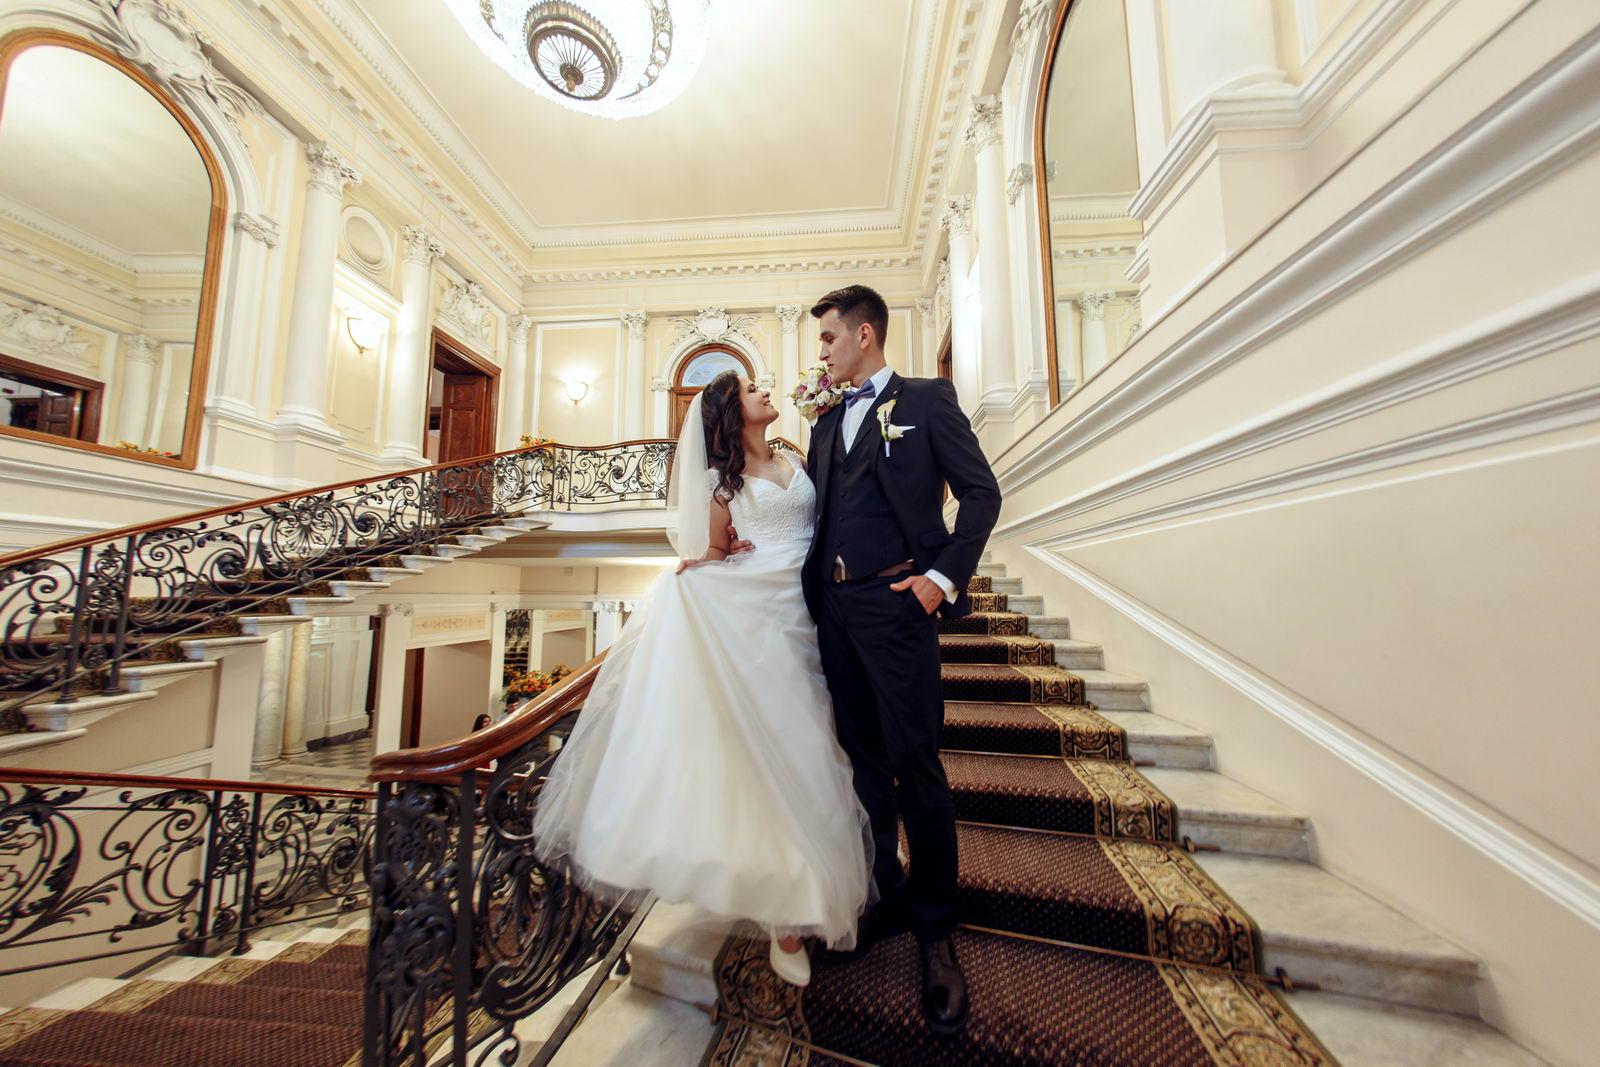 Особенности и идеи для проведения выездной регистрации брака